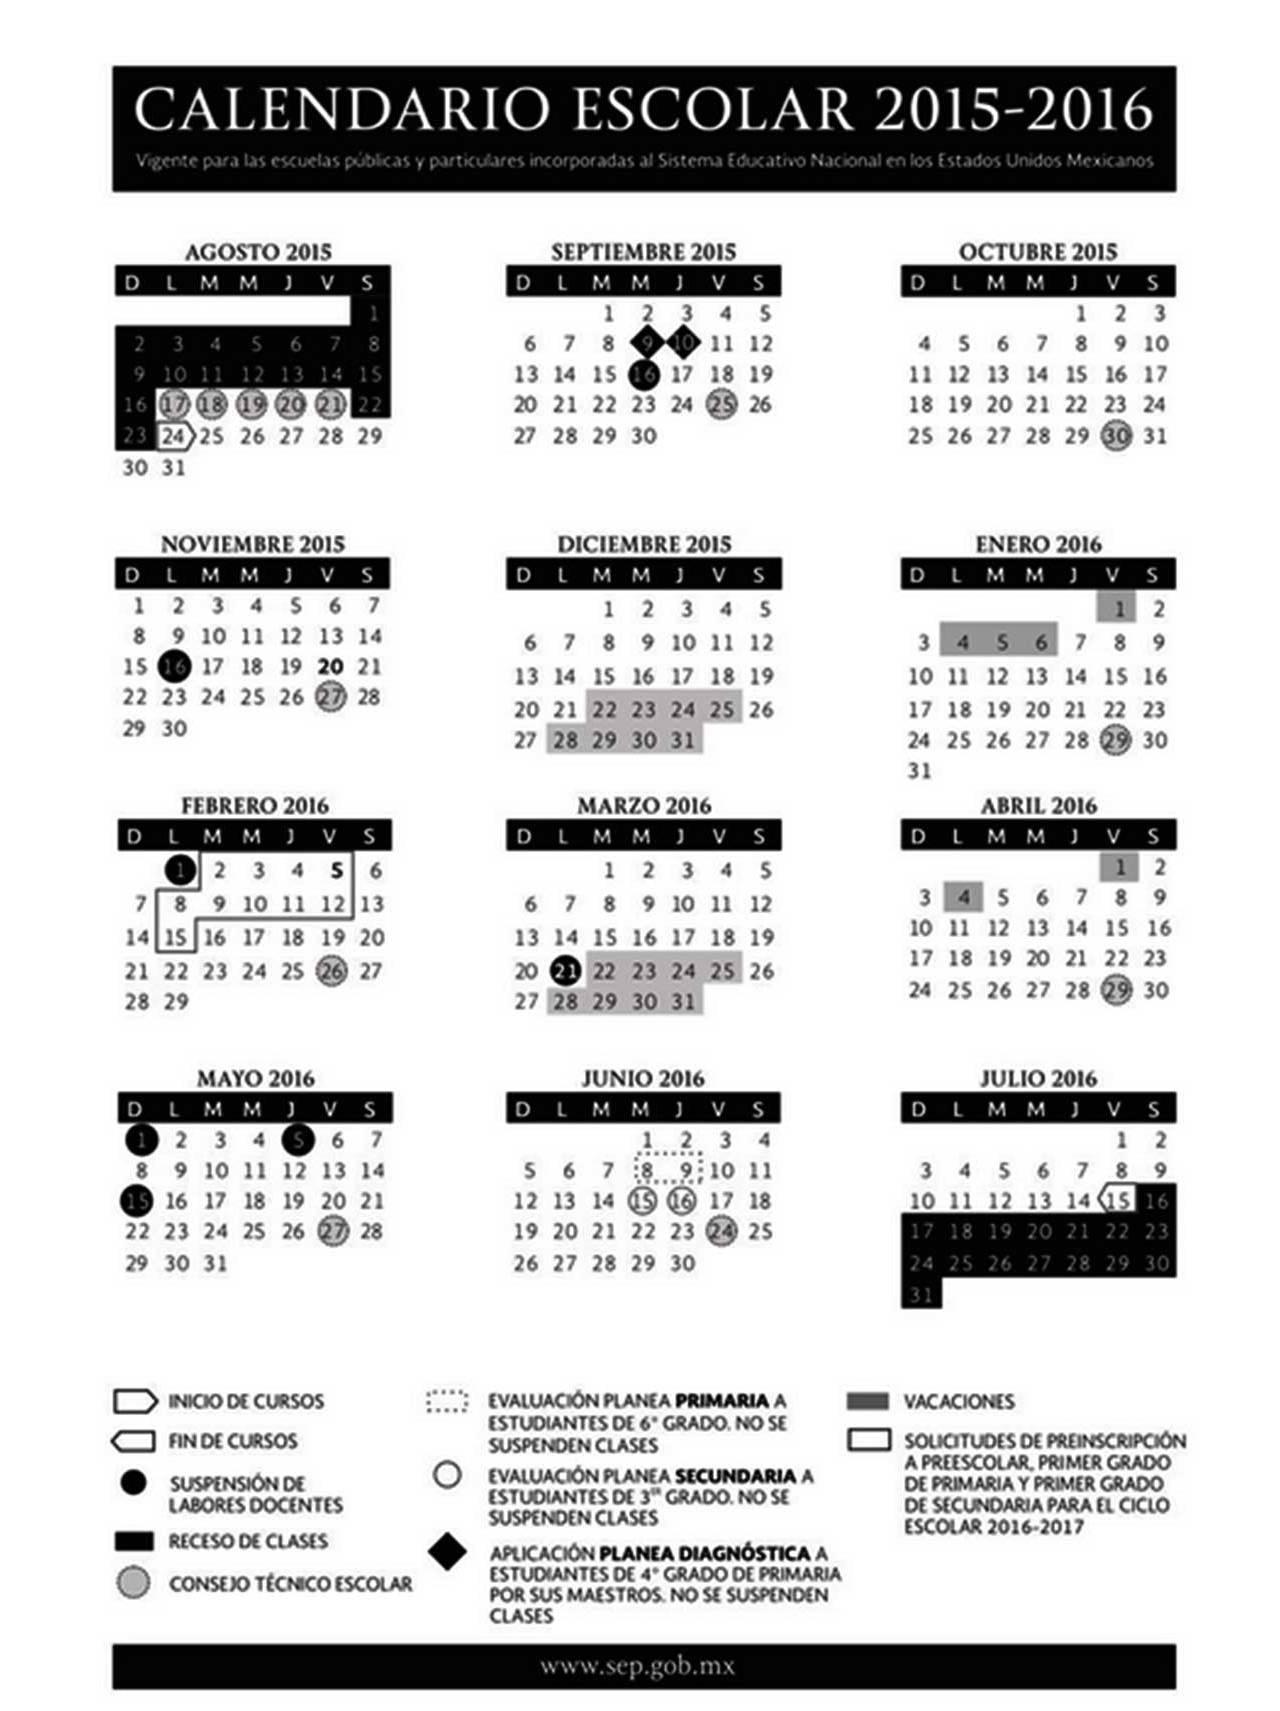 2015-2016, al cual deben ceñirse escuelas públicas y privadas, de ...